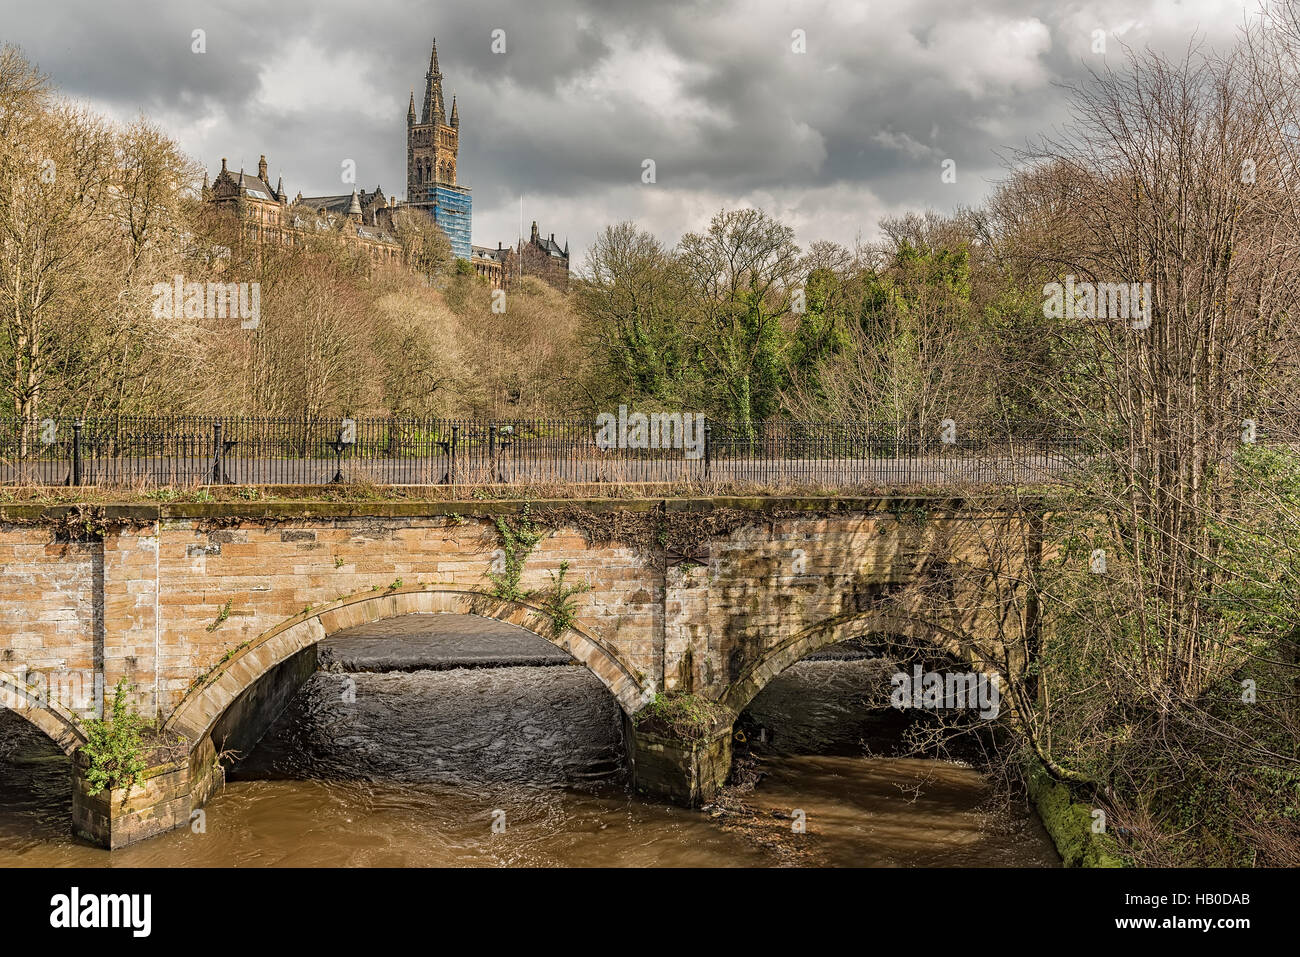 Glasgow Universitätshauptgebäude mit Blick auf den Fluss Kelvin im Westend von Glasgow, Schottland. Stockbild